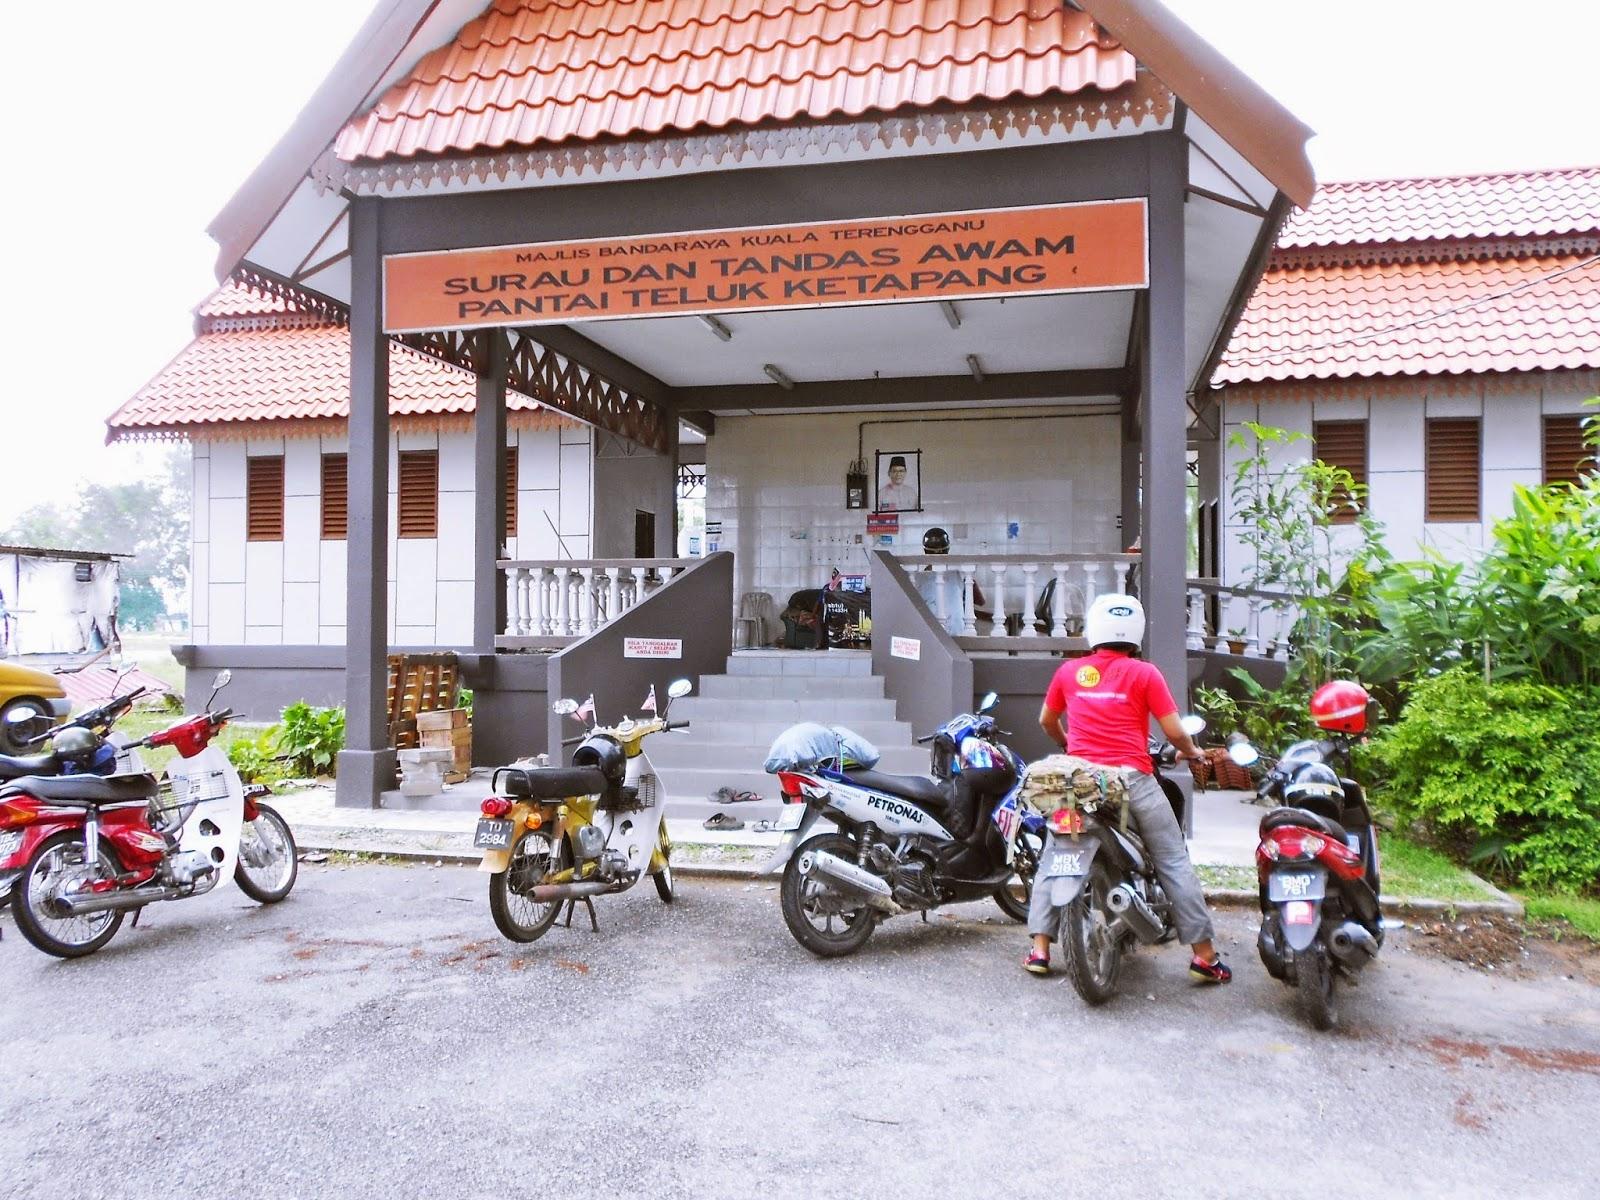 Pantai Rantau Petronas Di Terengganu Tempat Menarik Yang Sangat Hebat Untuk Kita Singgah Of Pantai Rantau Petronas Di Terengganu Tempat Menarik Yang Awesome Untuk Tenangkan Minda